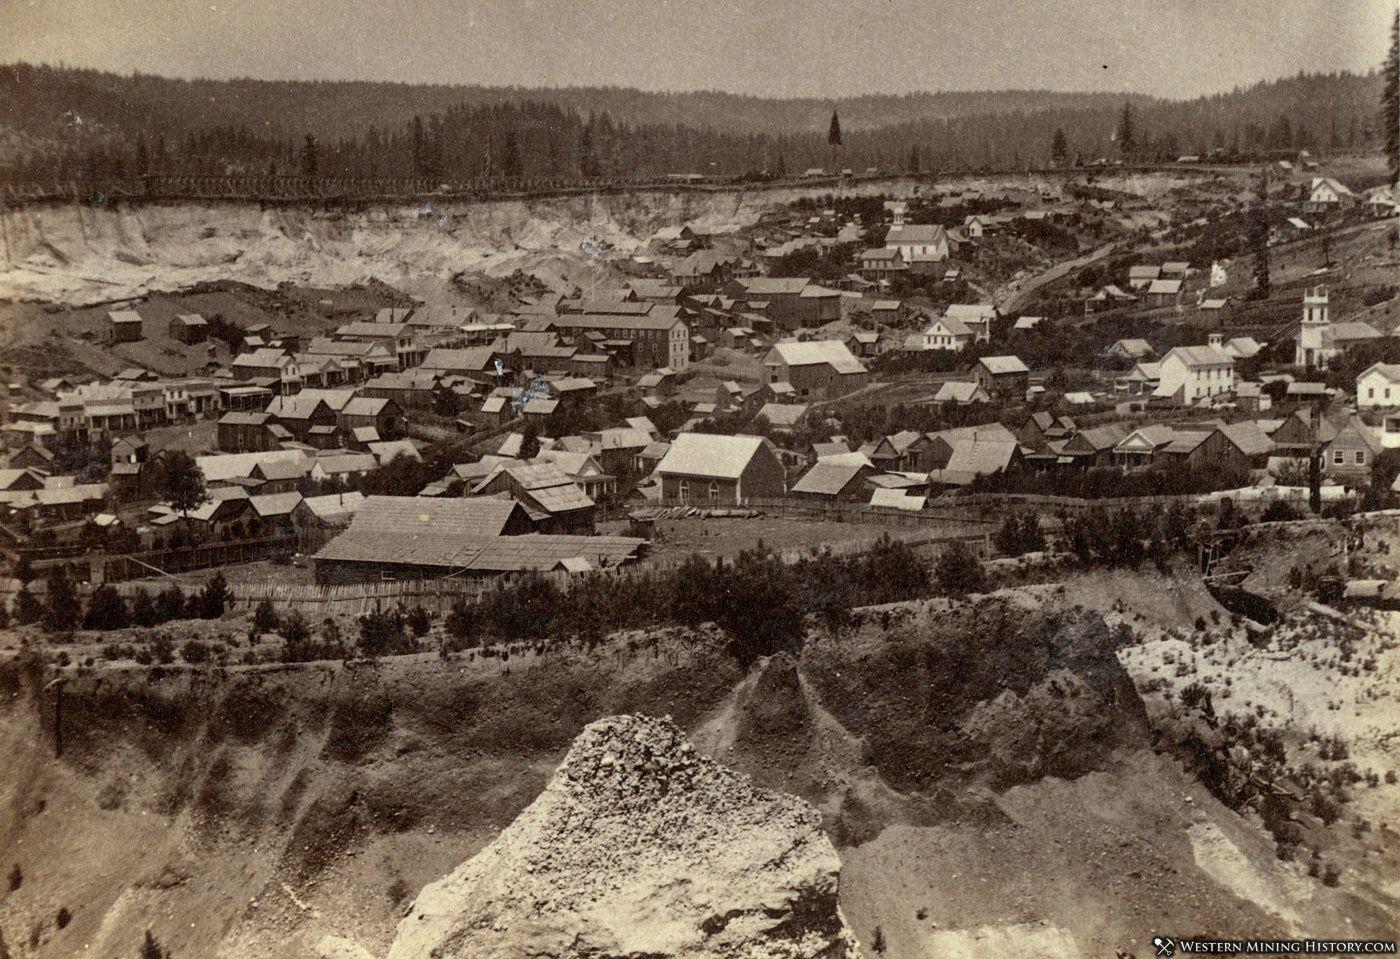 Dutch Flat California 1860s